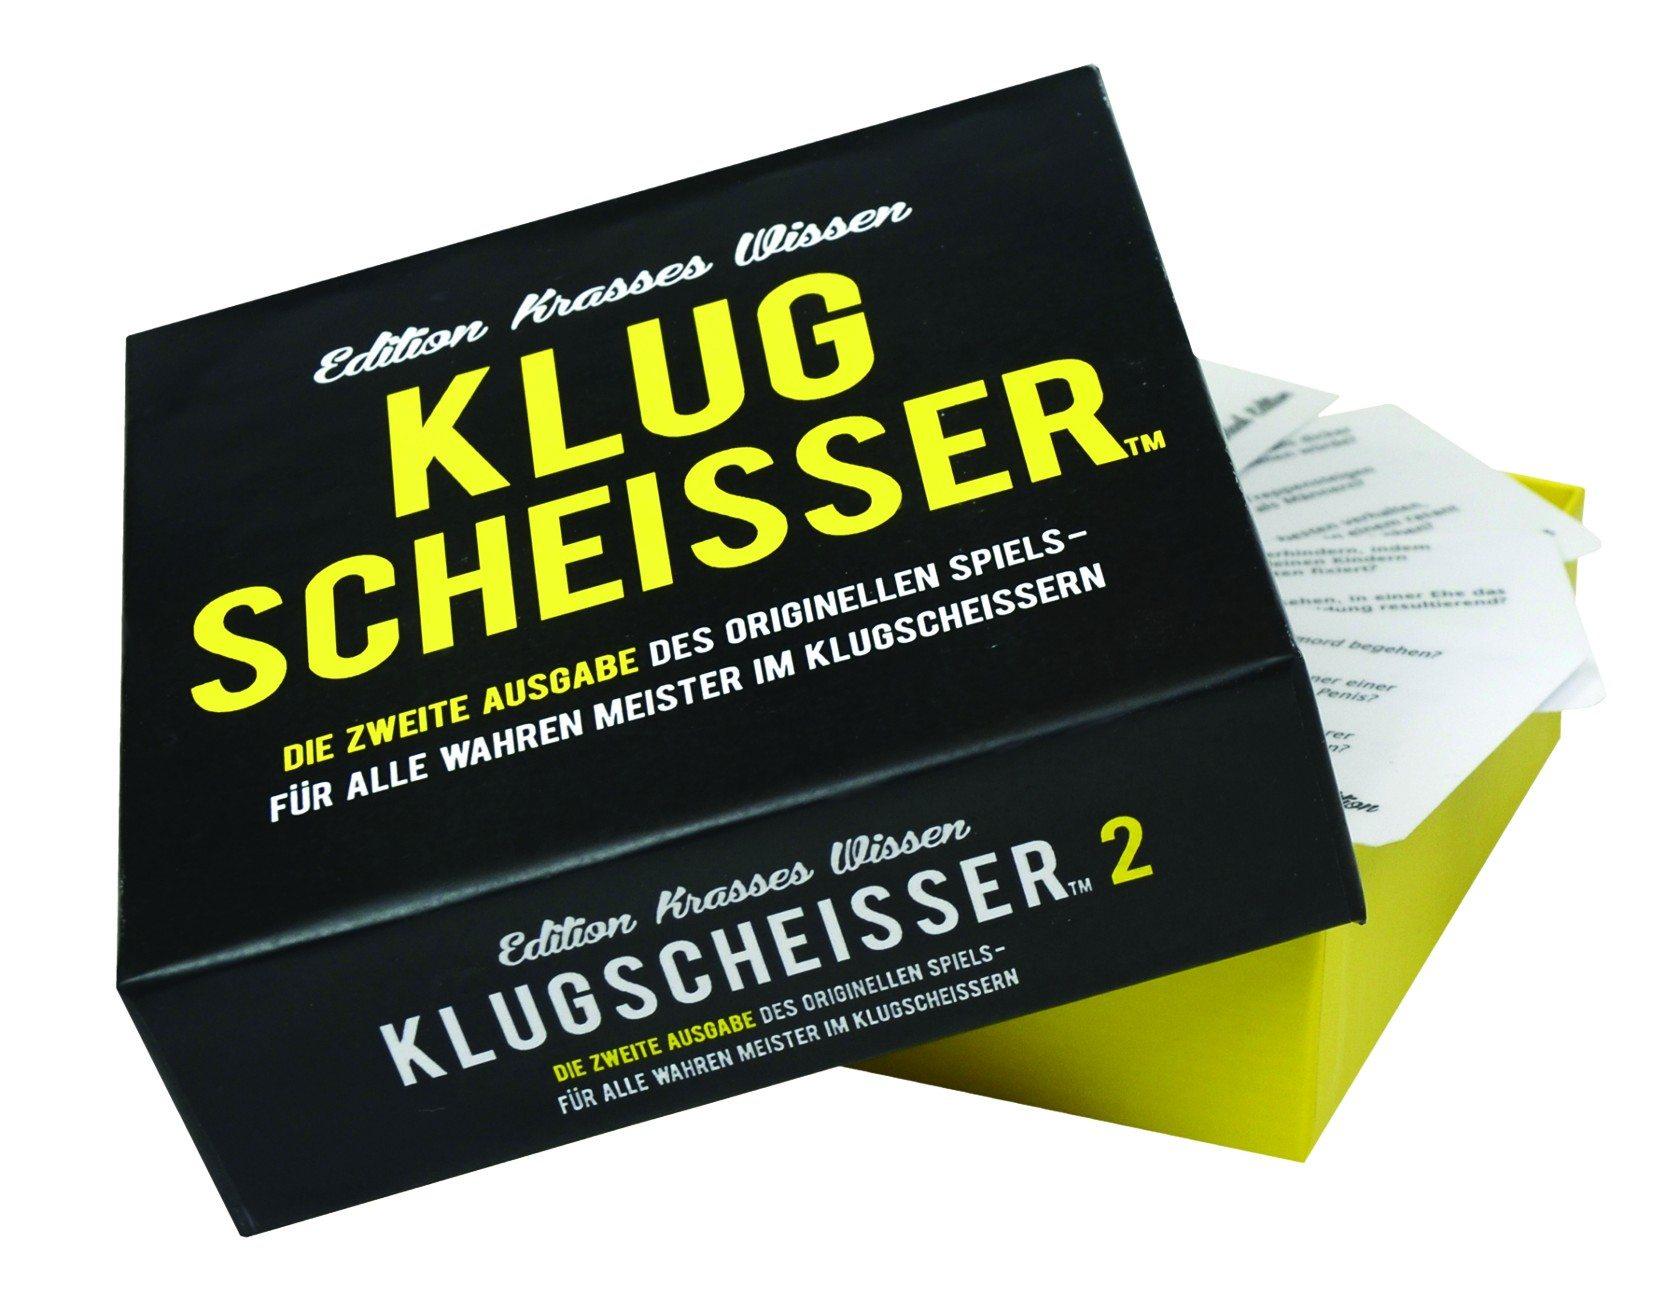 Klugscheisser 2 - Edition krasses Wissen